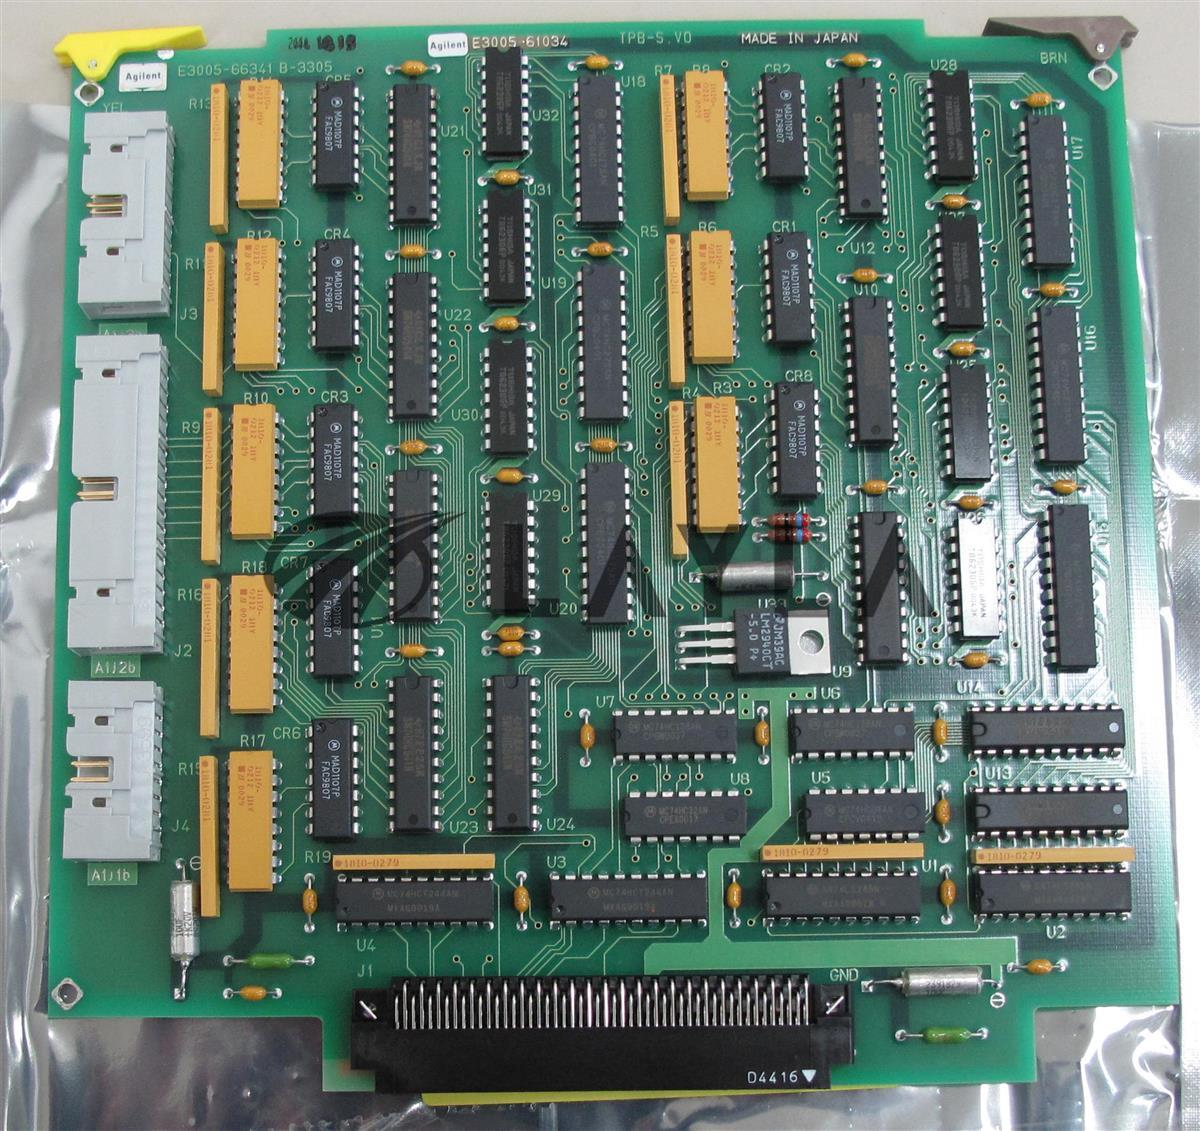 E3005-69034/-/E3005-69034/Agilent/_01